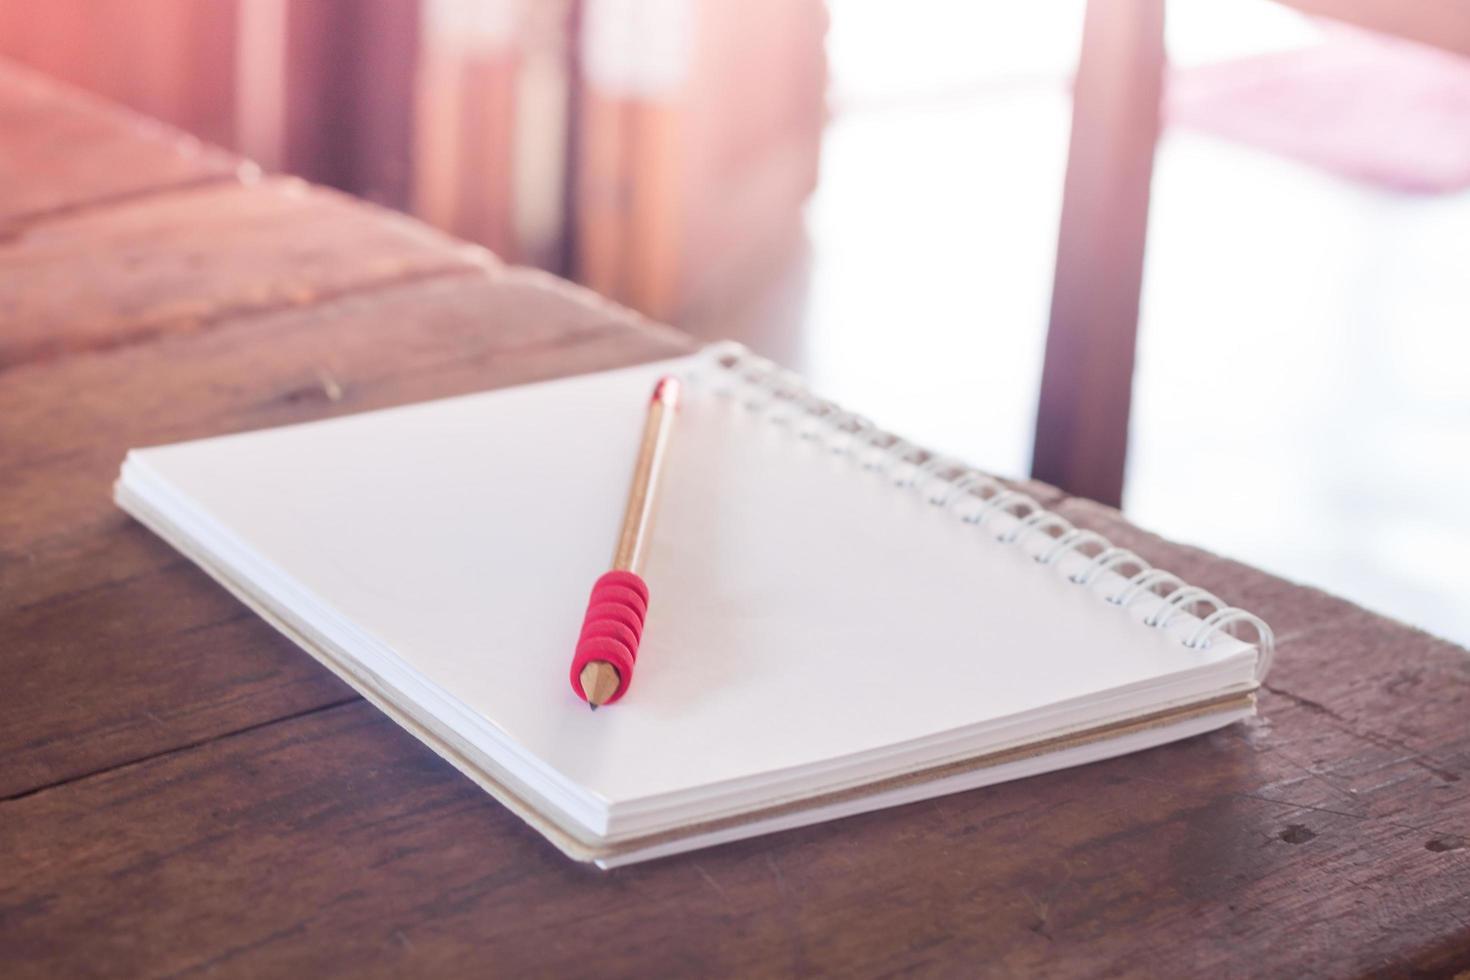 lumière du soleil sur une table avec un cahier et un crayon photo